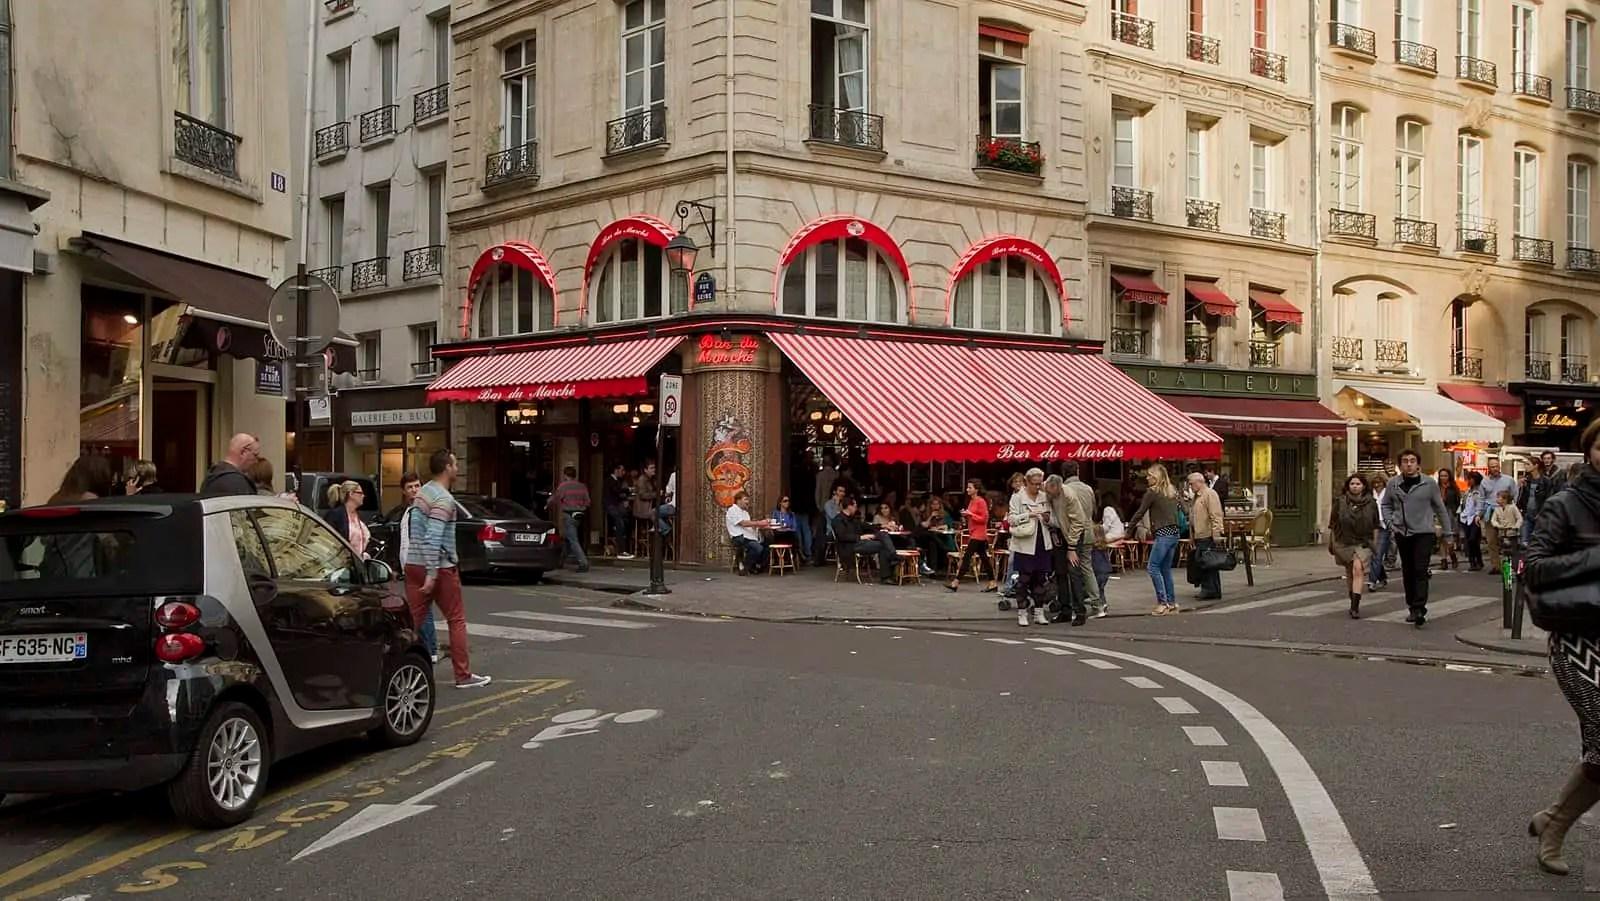 Saint Germain des Prés, Paris street scene